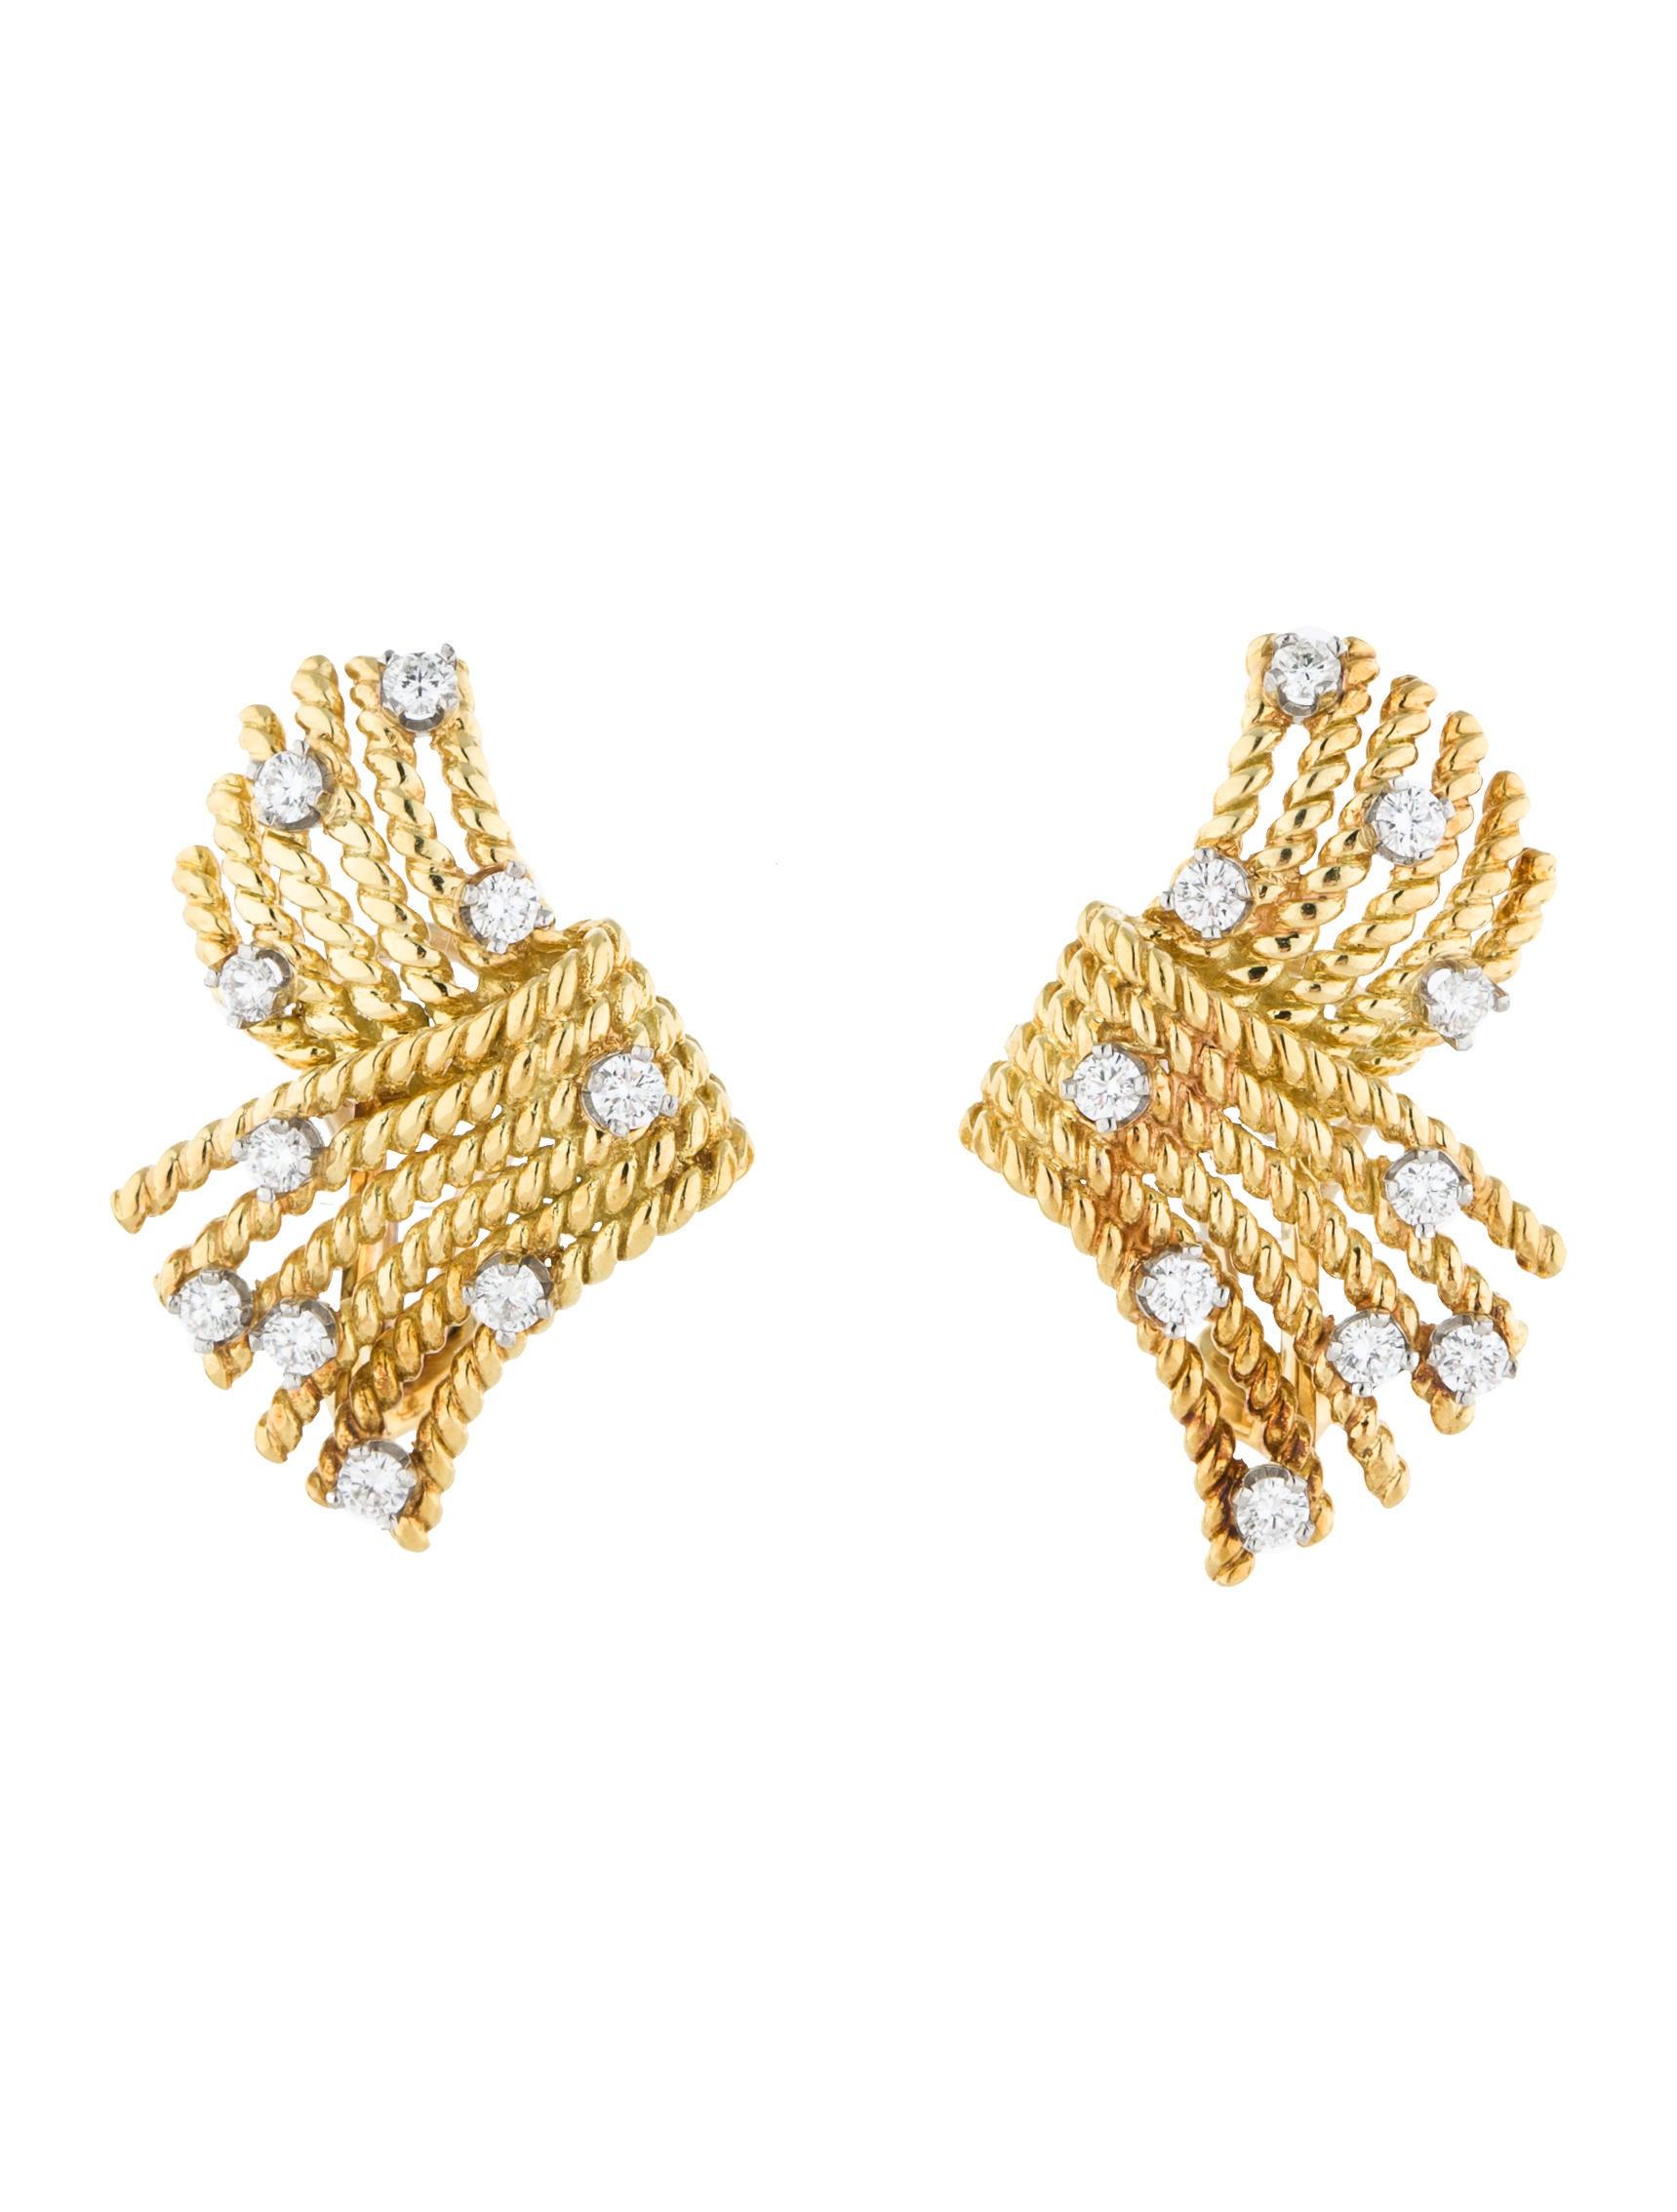 Tiffany & Co Schlumberger V Rope Diamond Earrings Earrings